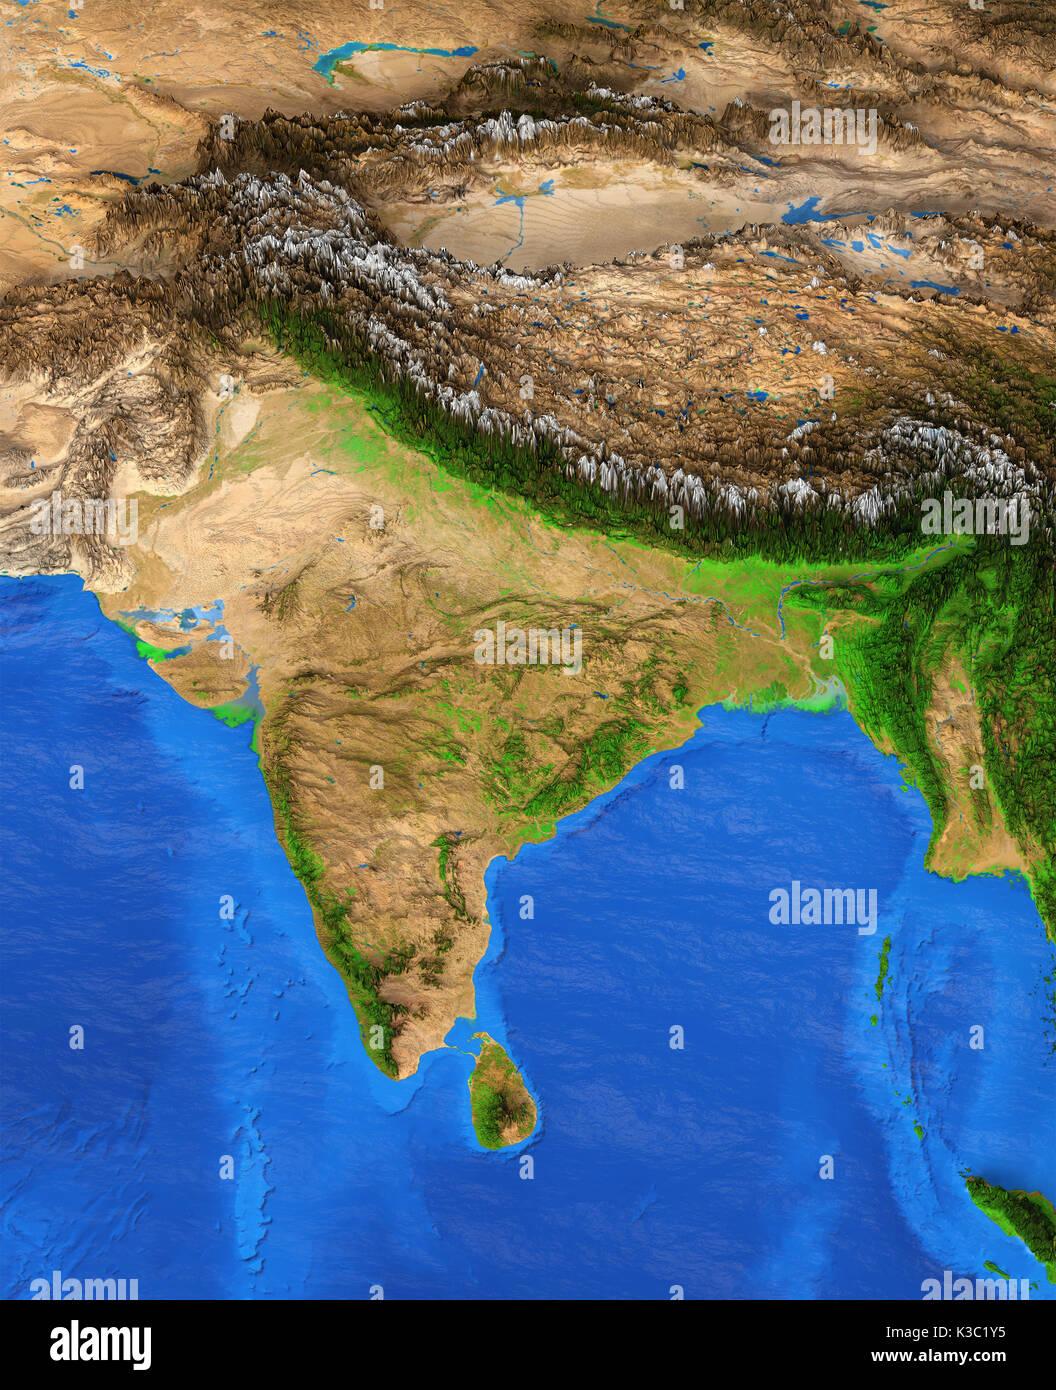 Carte Inde Relief.Carte De L Inde Vue Detaillee De La Terre Et De Son Relief